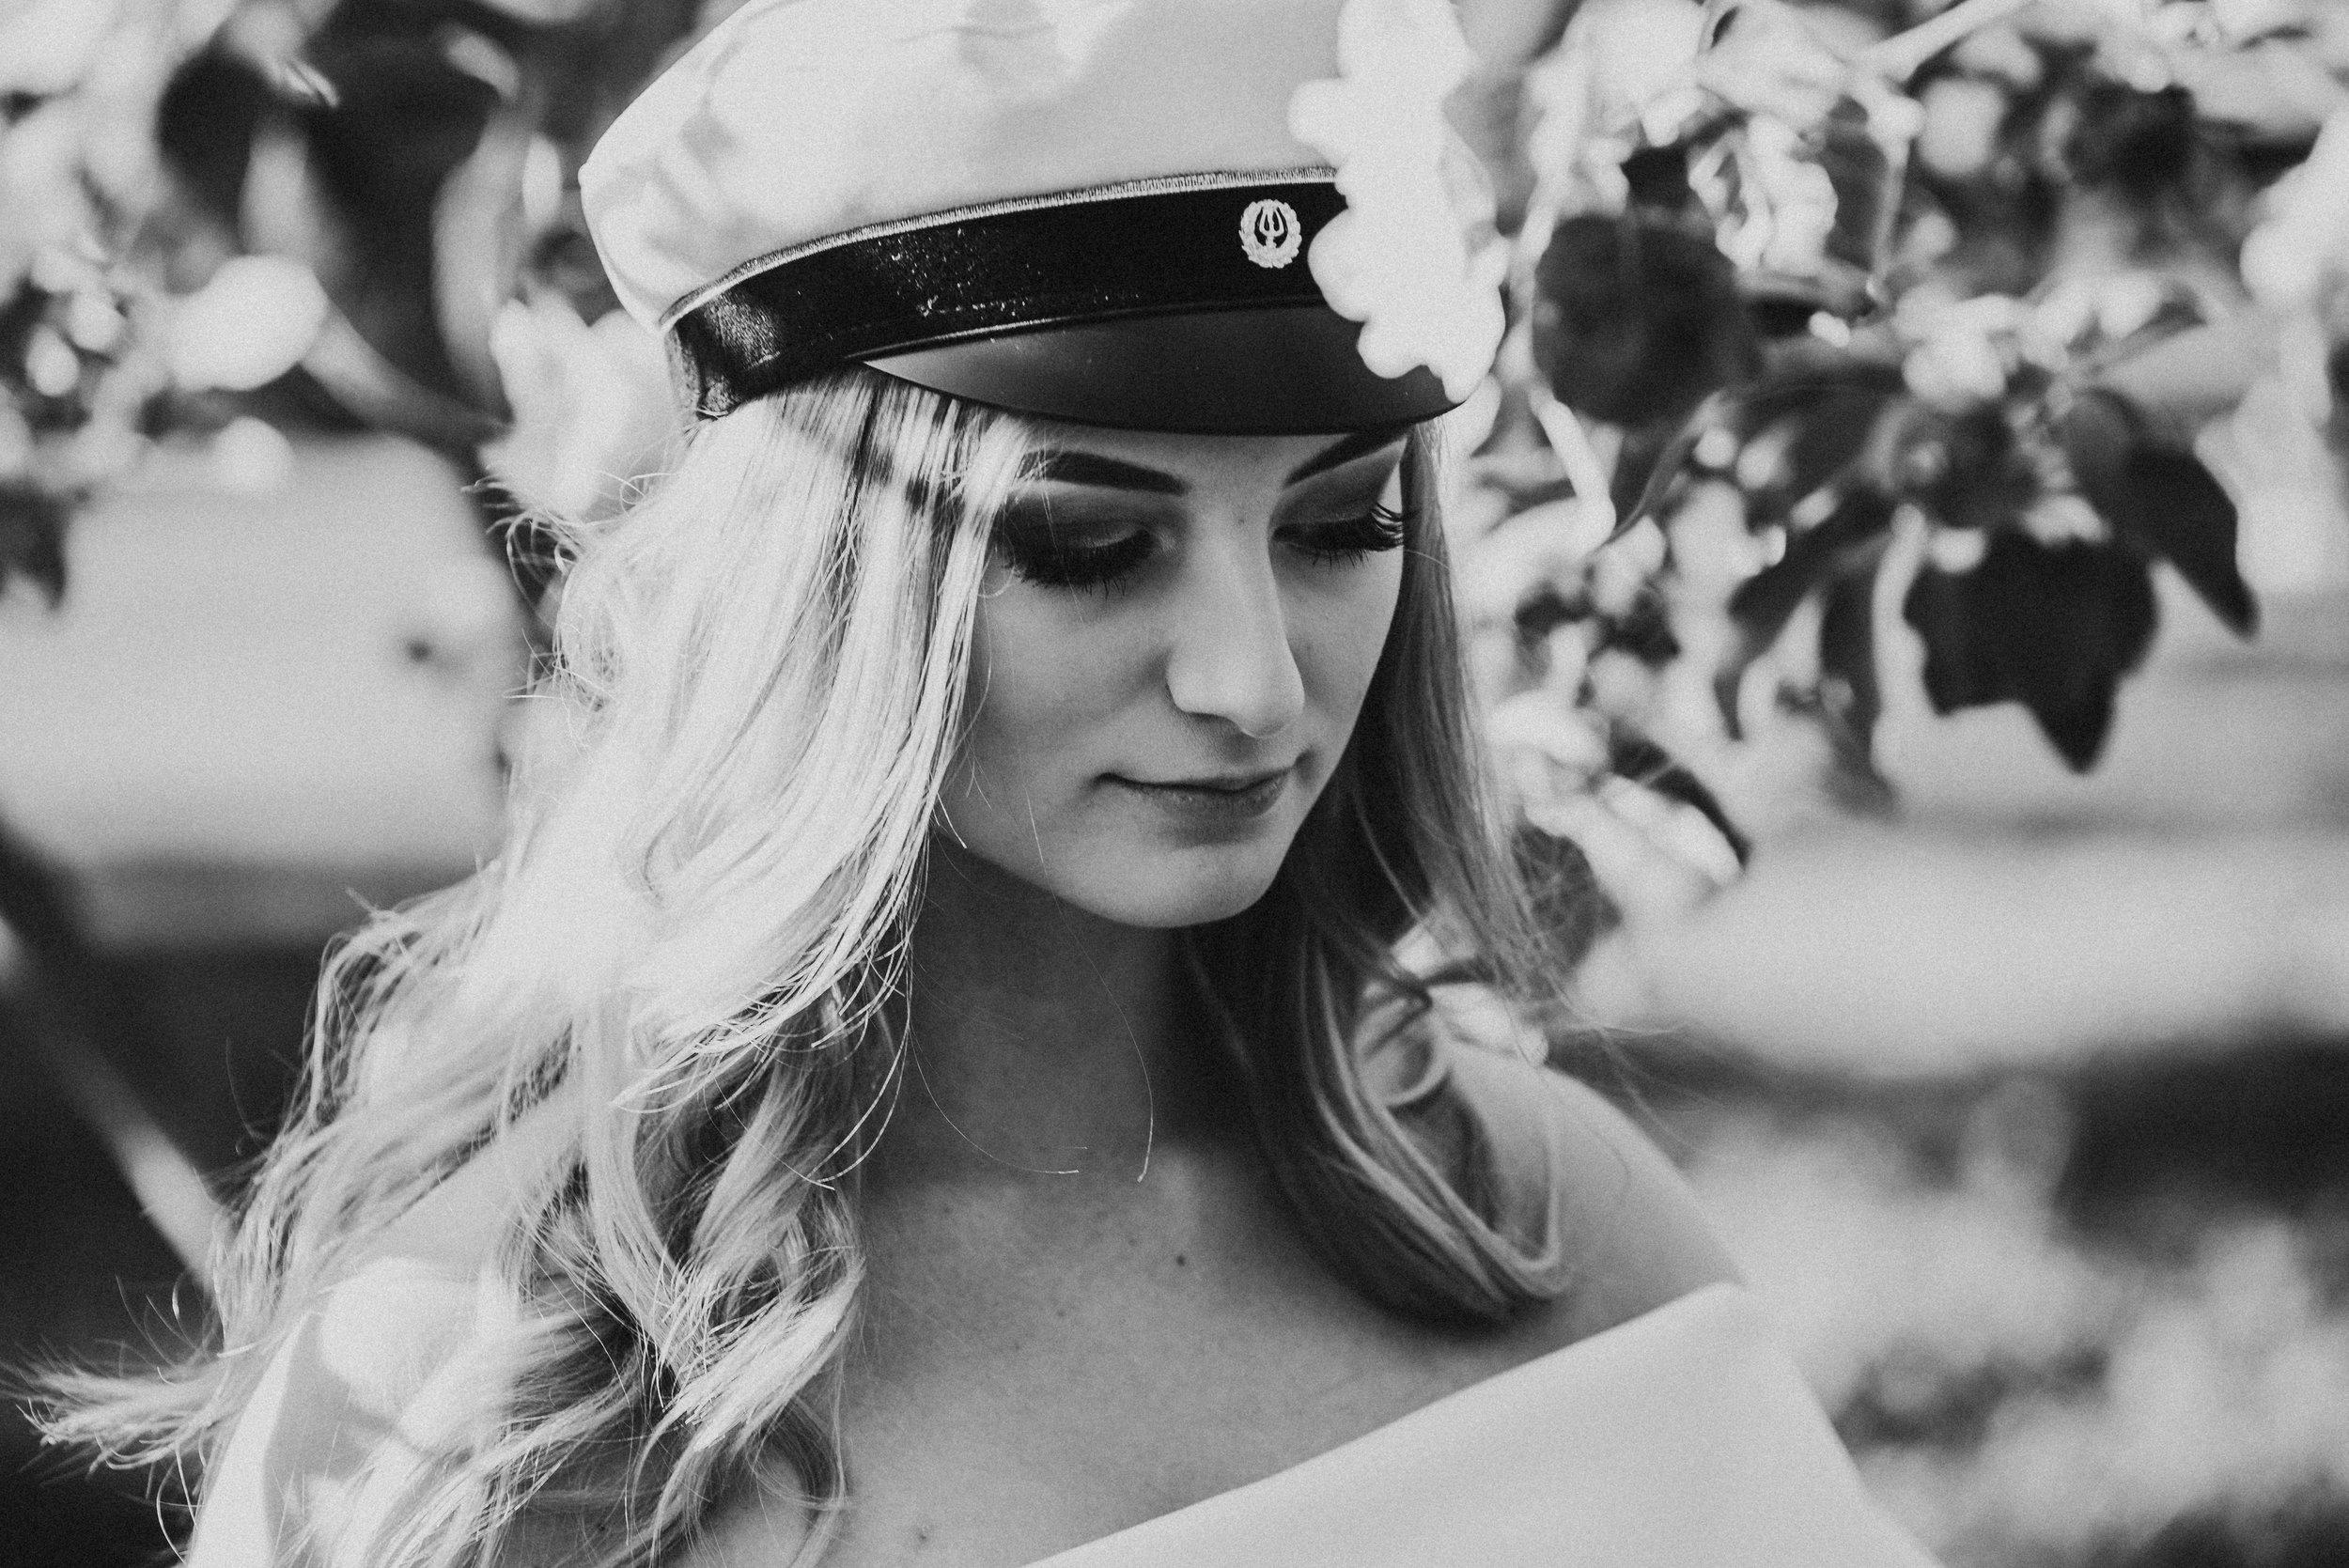 ylioppilaskuvaus ylioppilas valmistujaiskuvaus valmistunut valokuvaus valokuvaaja hämeenlinna salla s photography